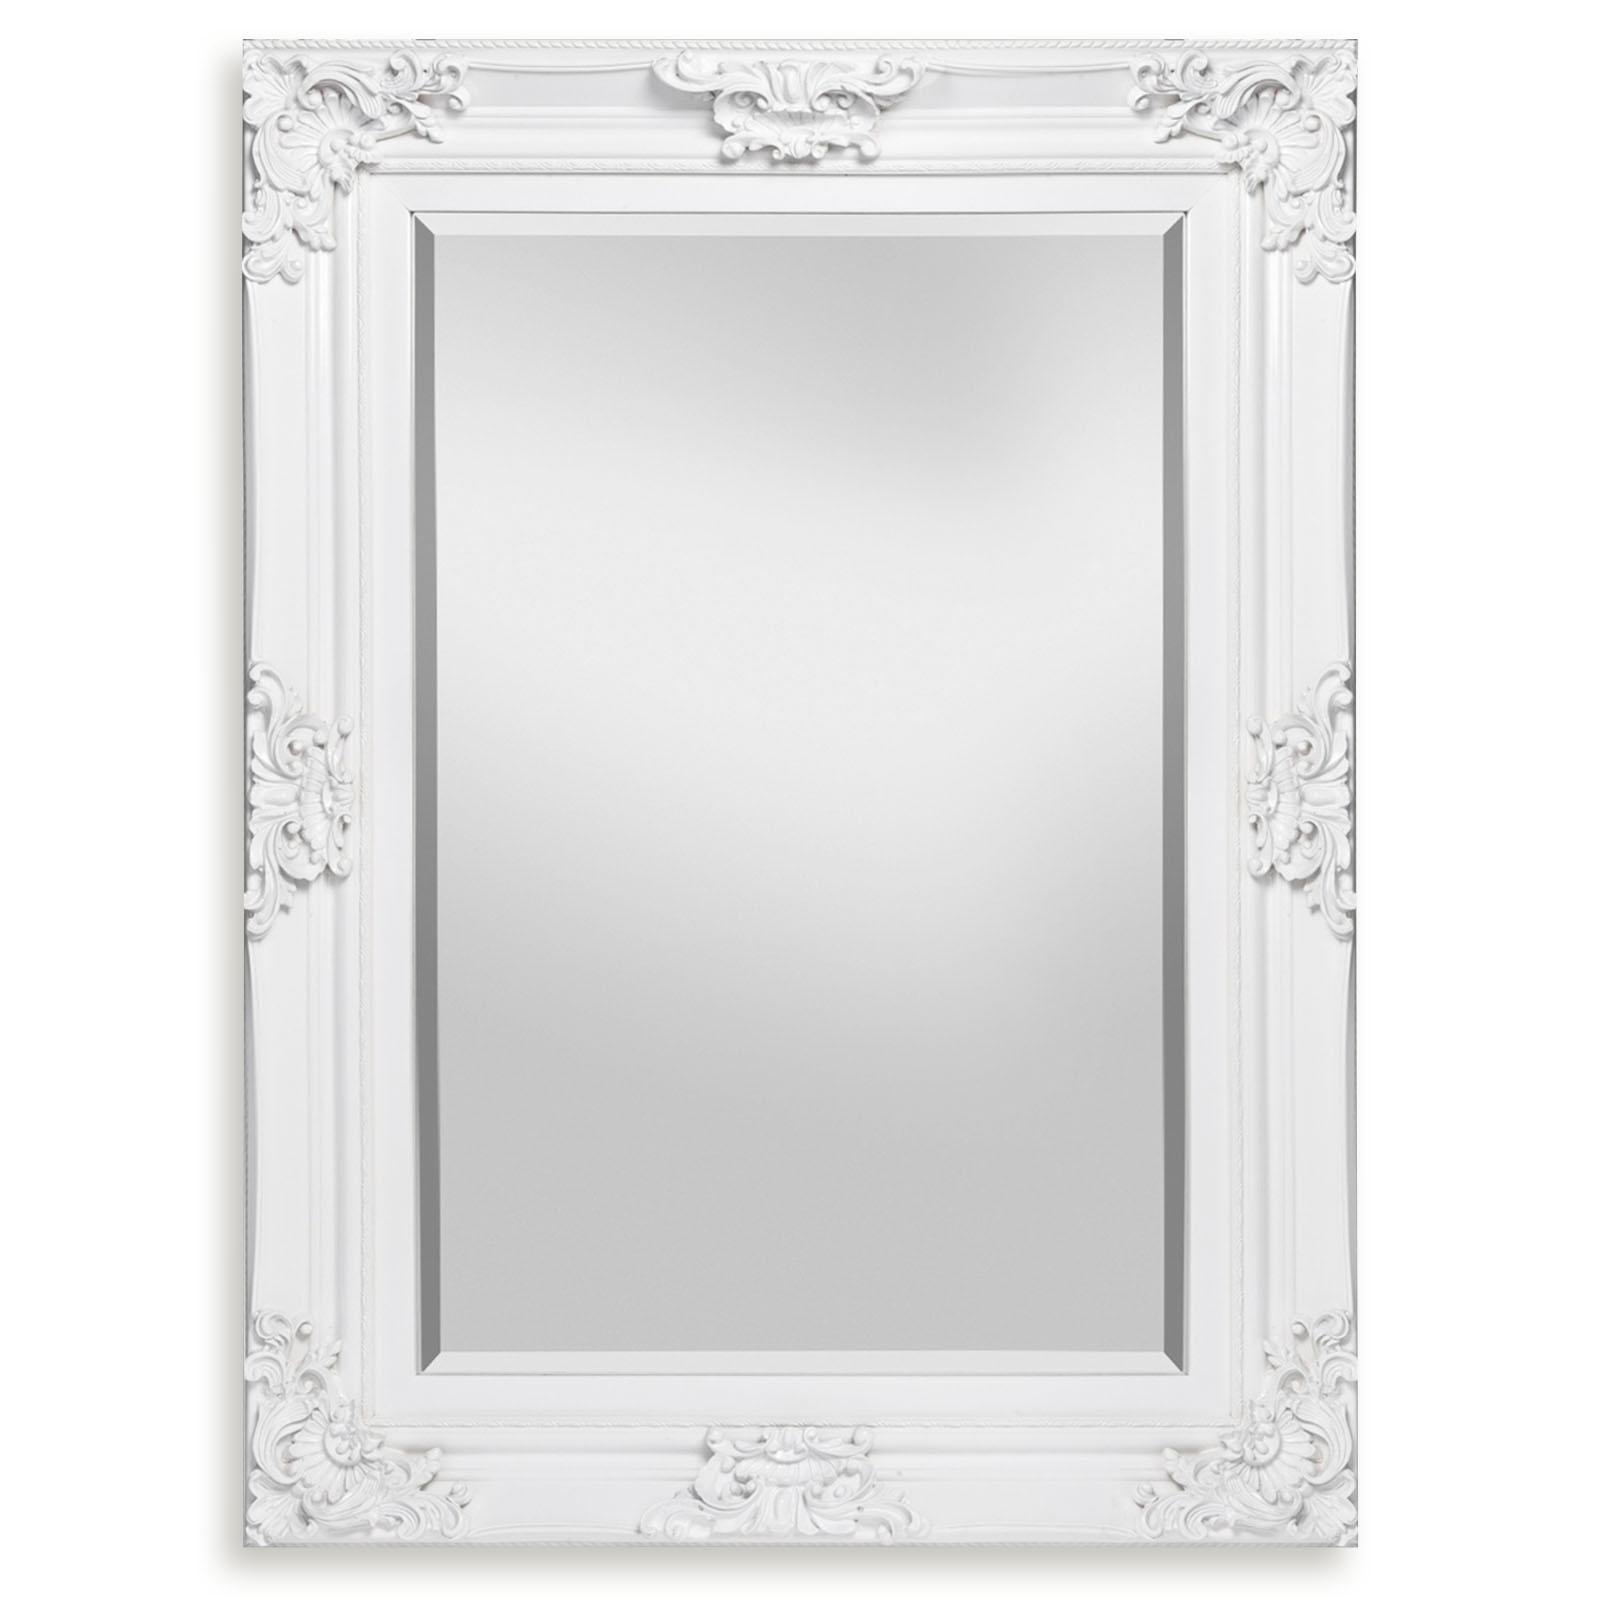 Spiegel - weiß Hochglanz - 8x8 cm